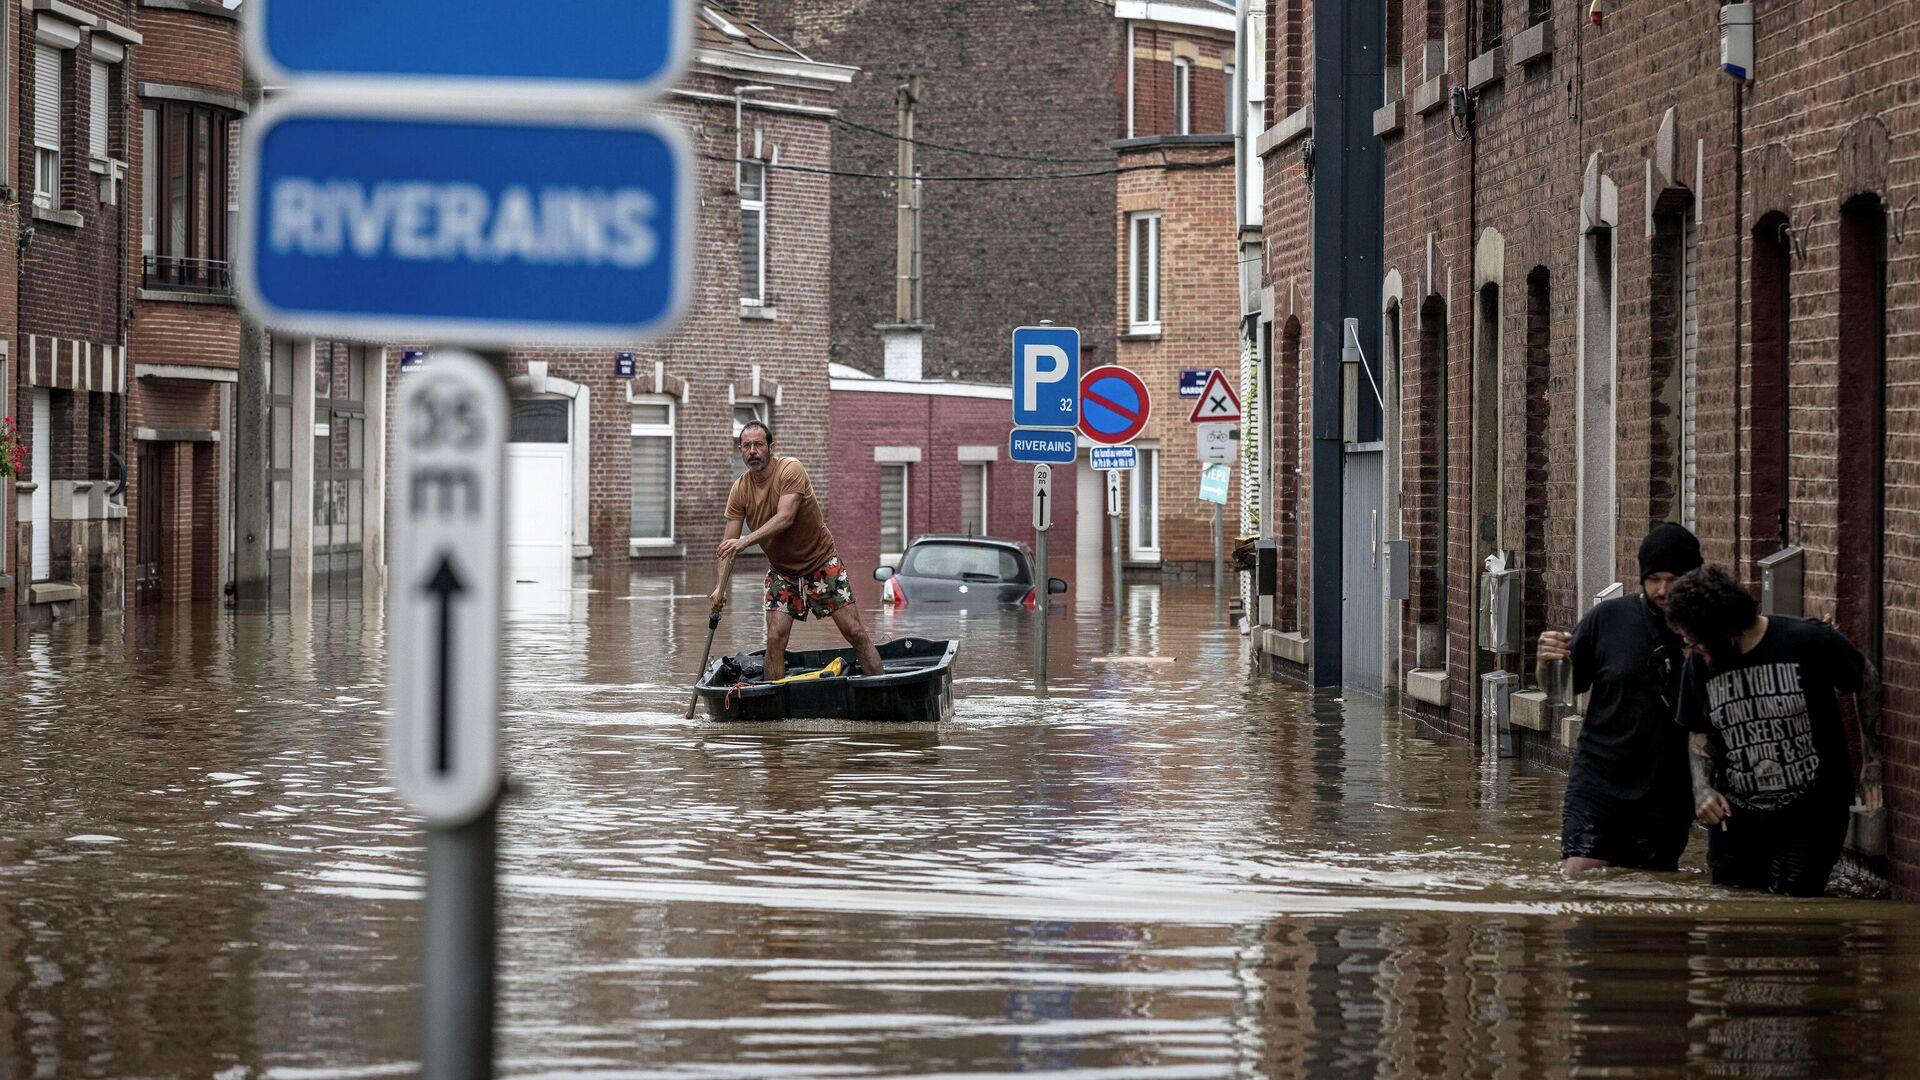 Мужчина плывет на лодке по жилой улице после наводнения в Англере, Бельгия - РИА Новости, 1920, 27.07.2021